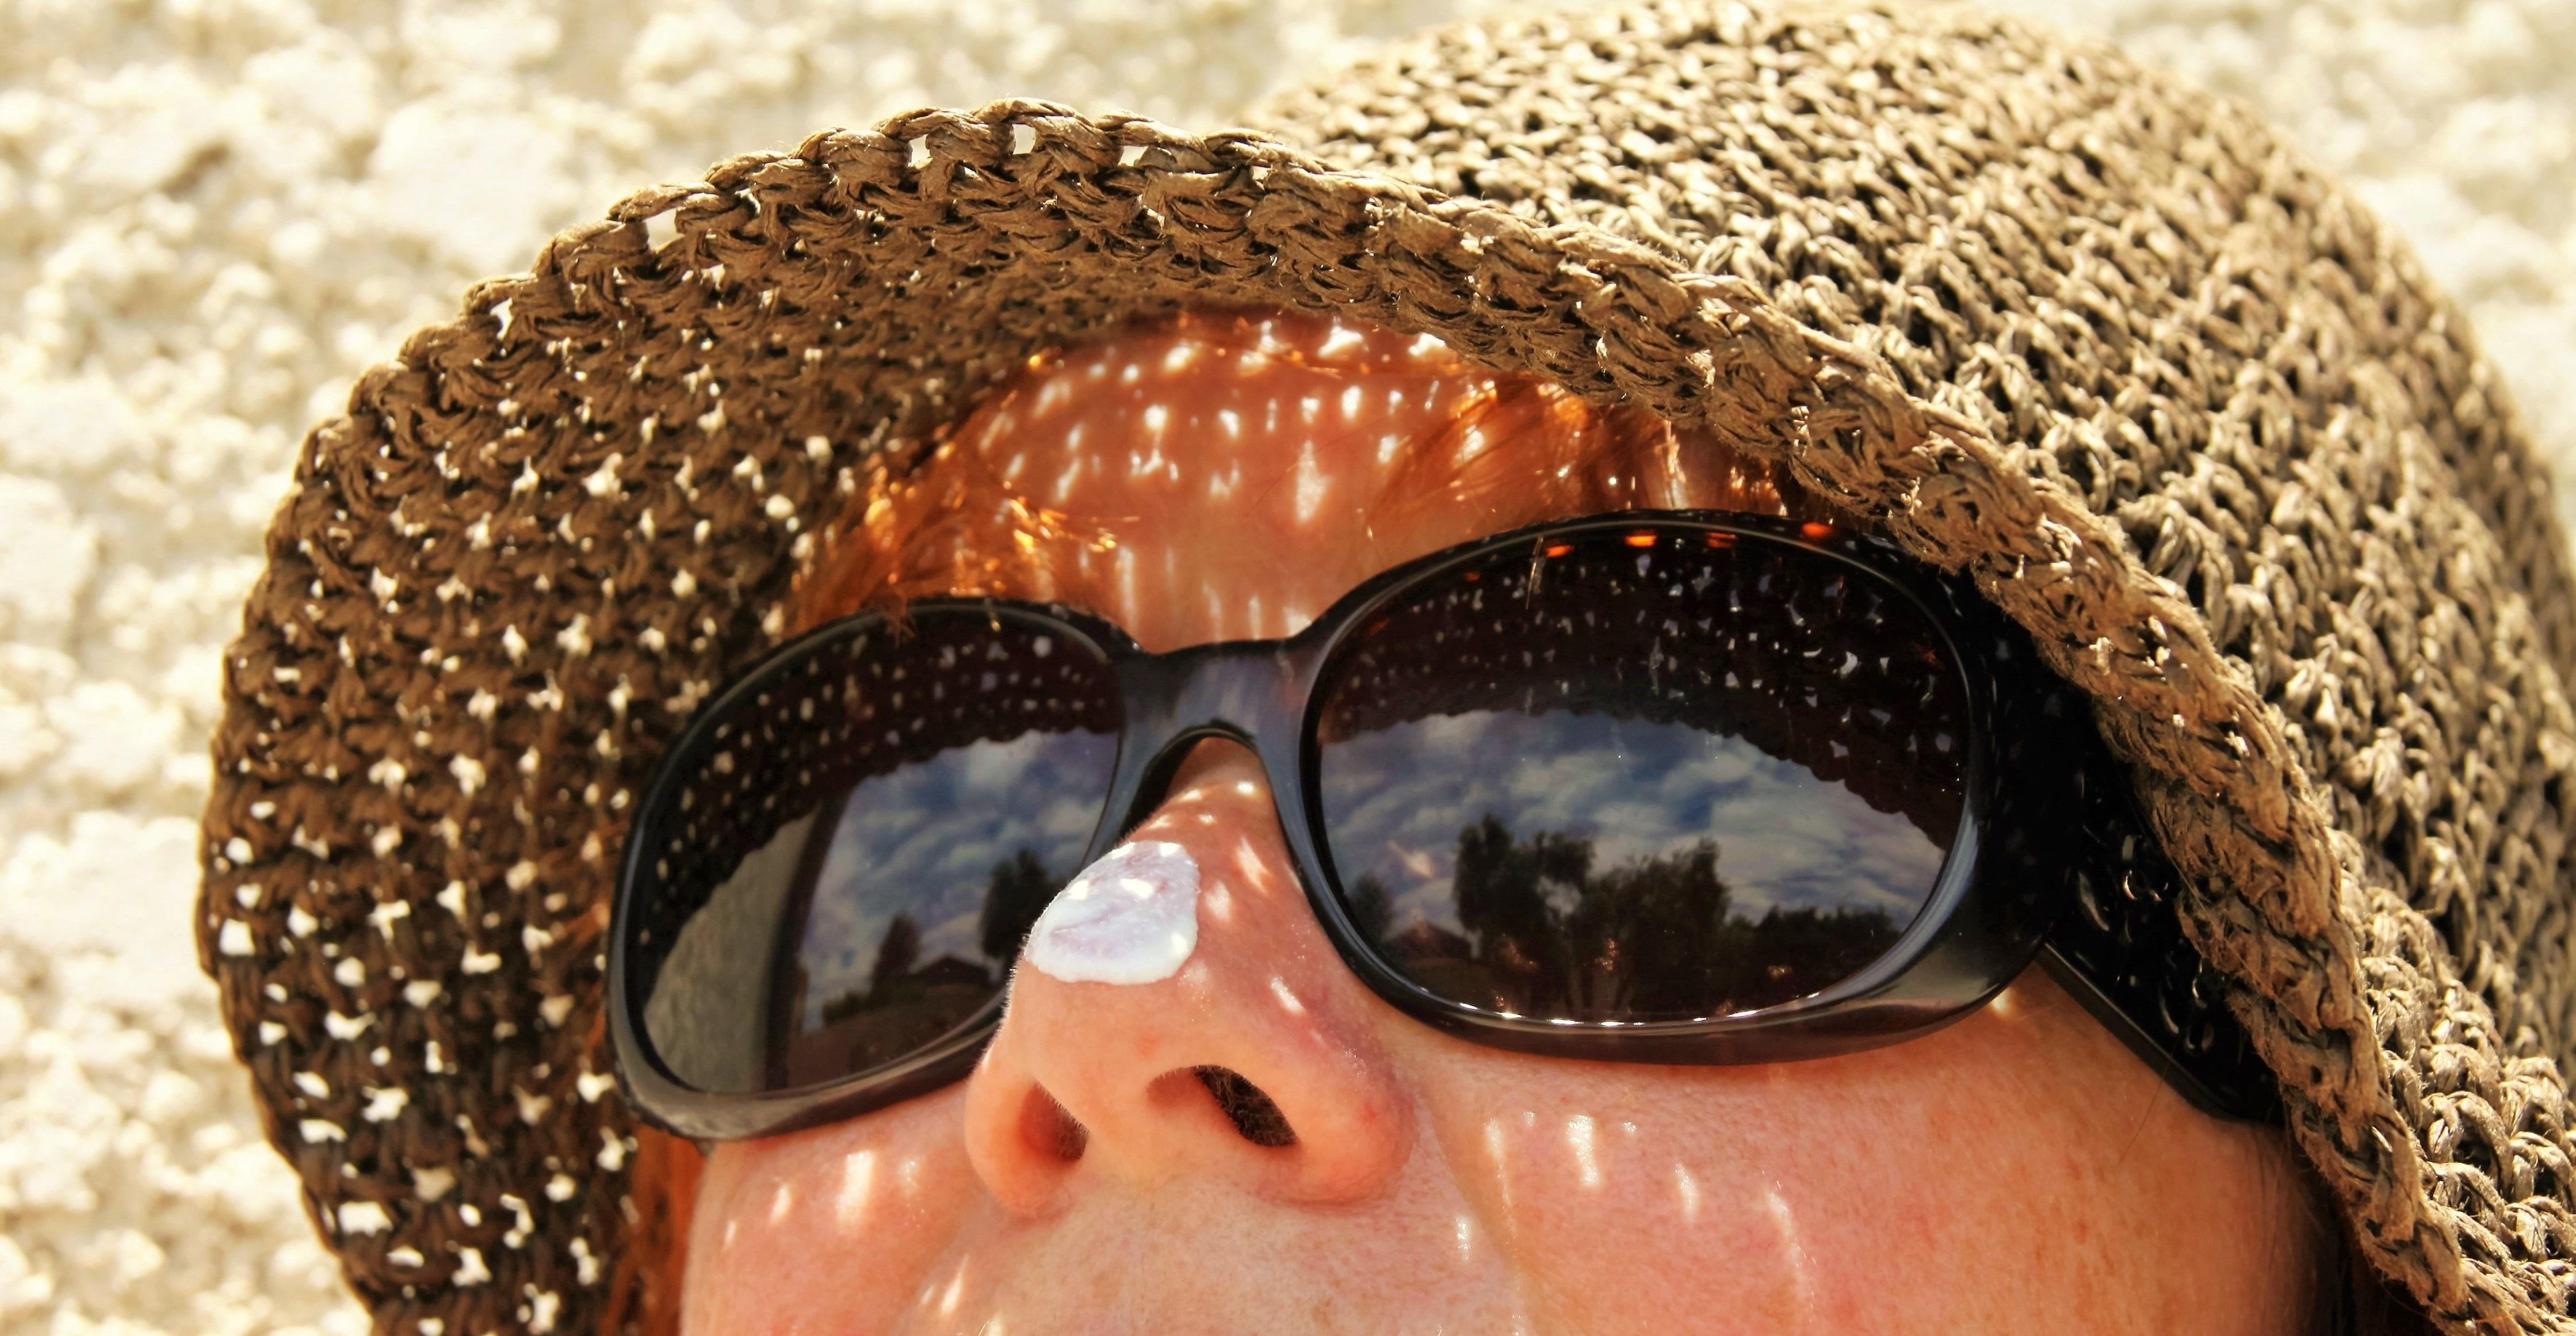 Gambar : orang, matahari, wanita, rambut, hangat, musim panas, liburan, perjalanan, refleksi, topi, peduli, pakaian, krim, hairstyle, mulut, merapatkan, ...